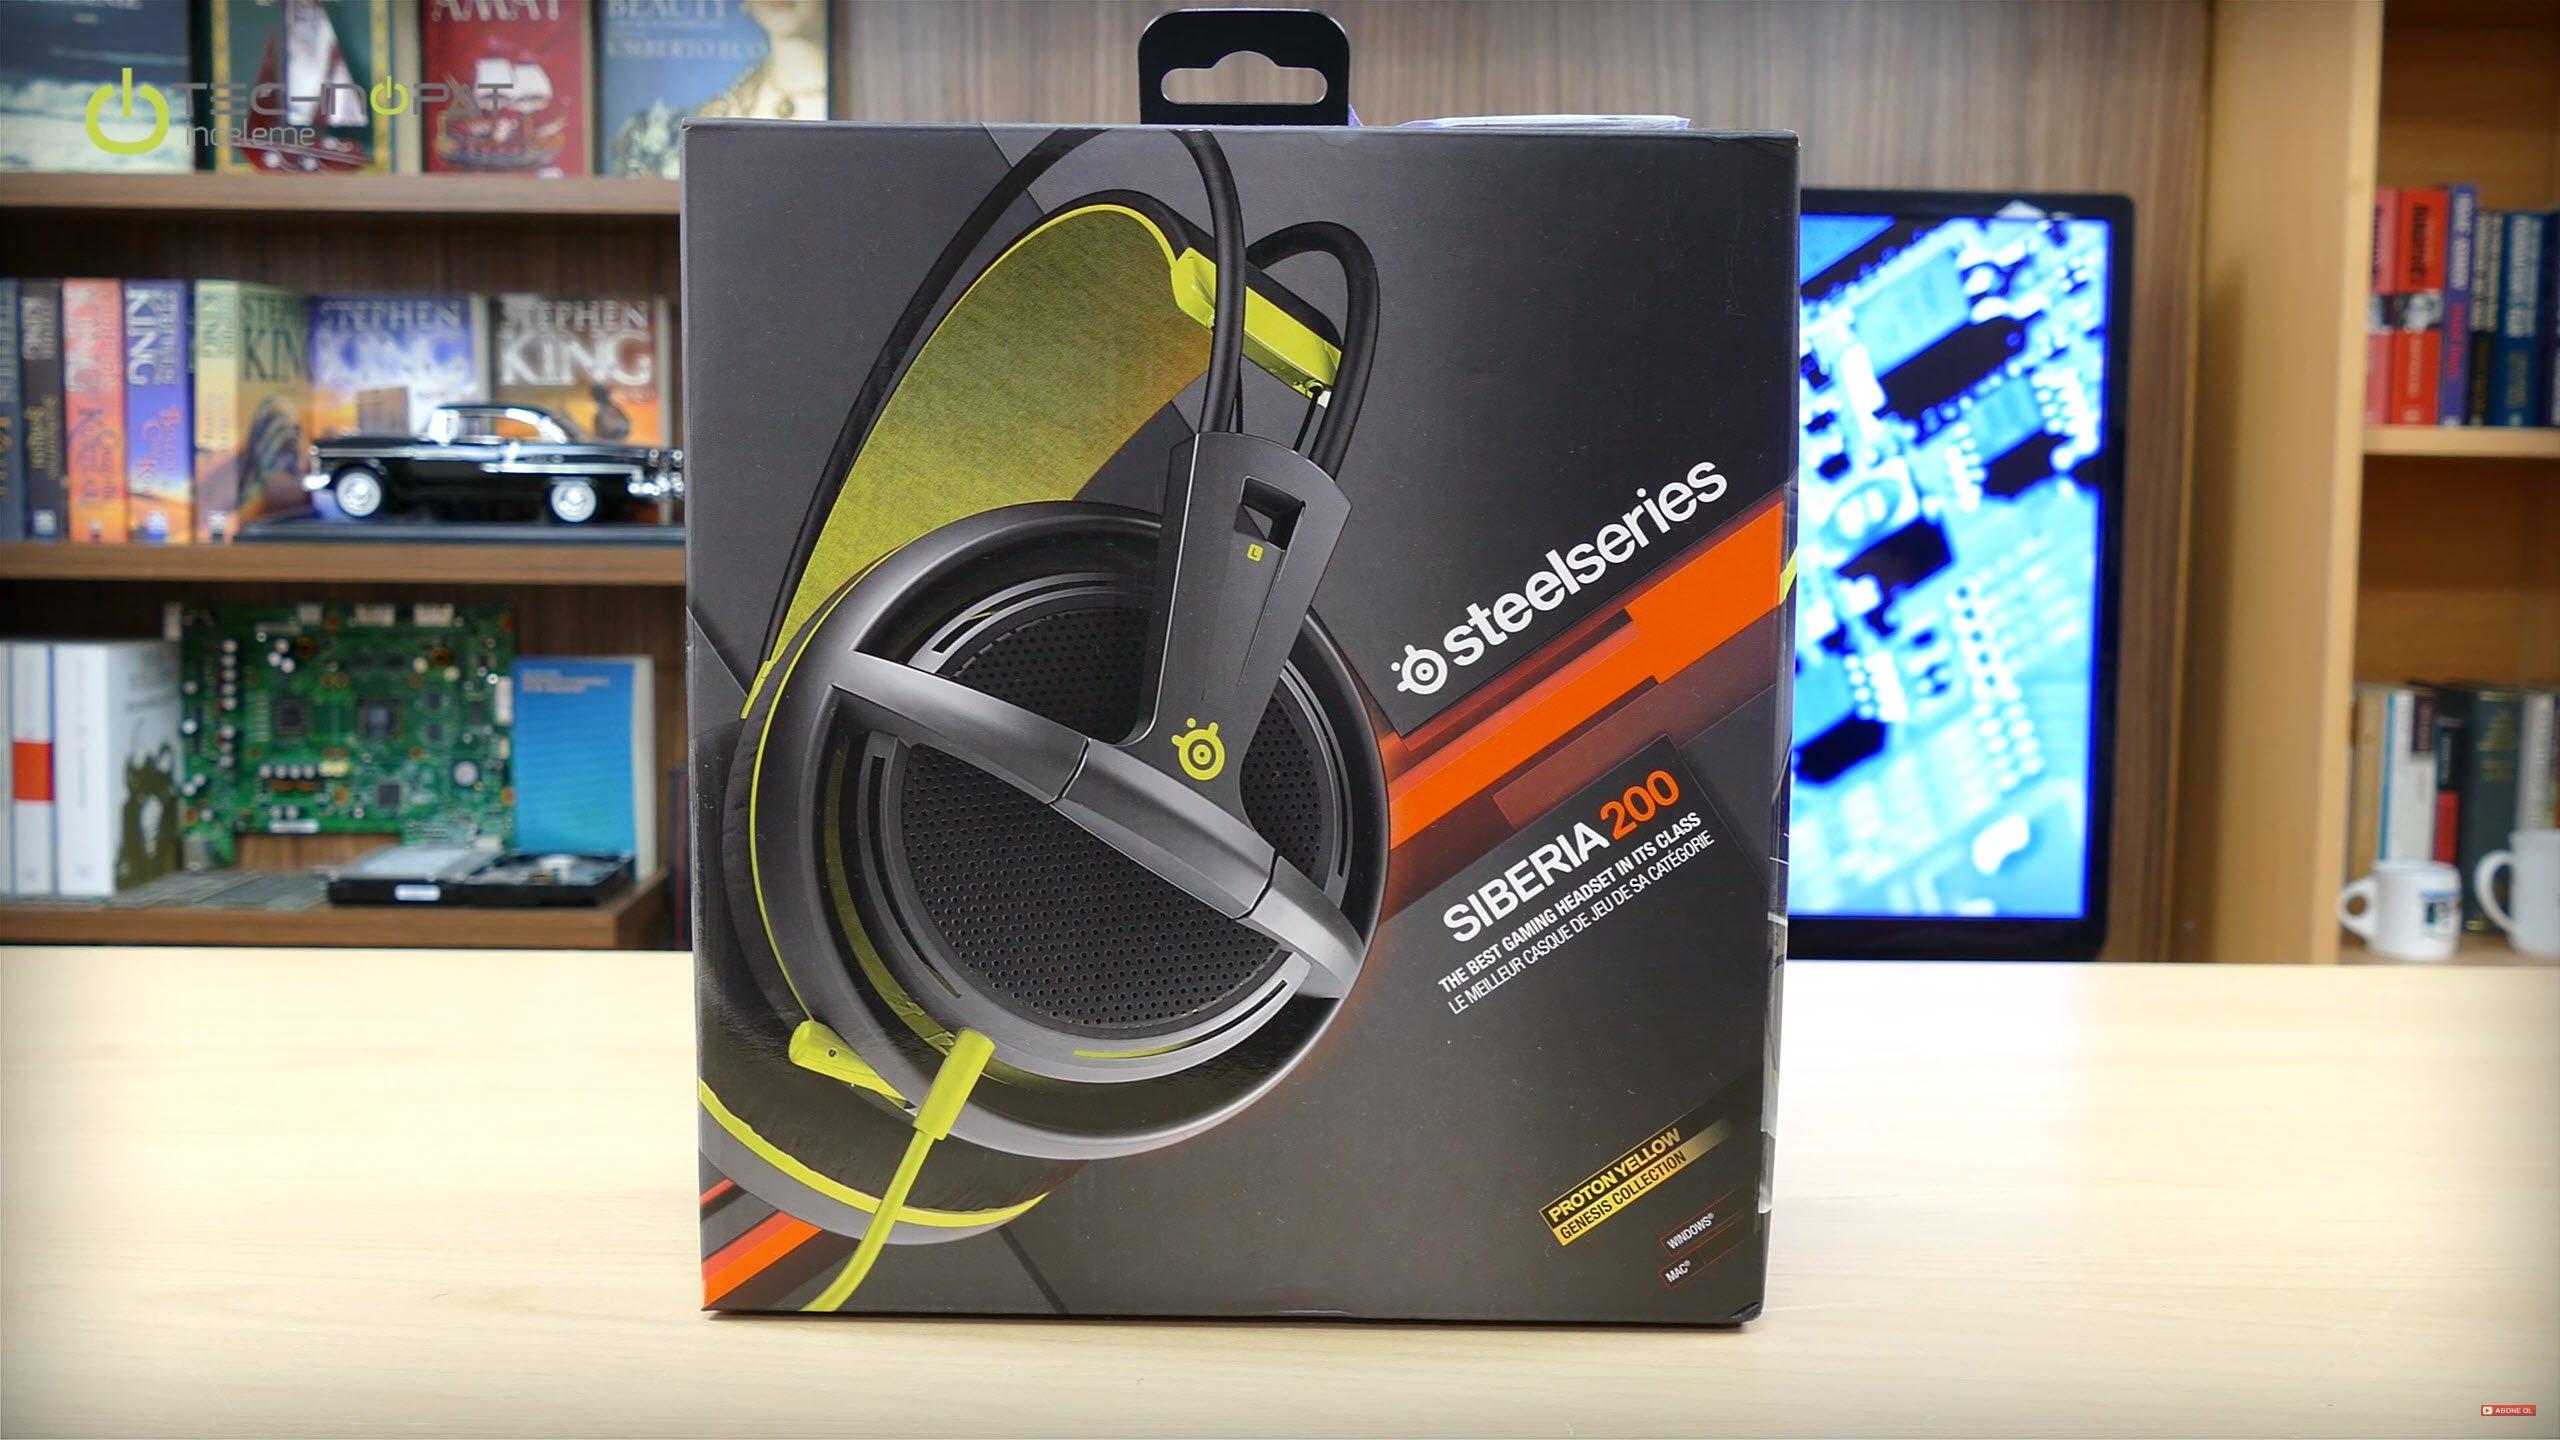 Steelseries Siberia 200 Oyuncu Kulaklığı İncelemesi